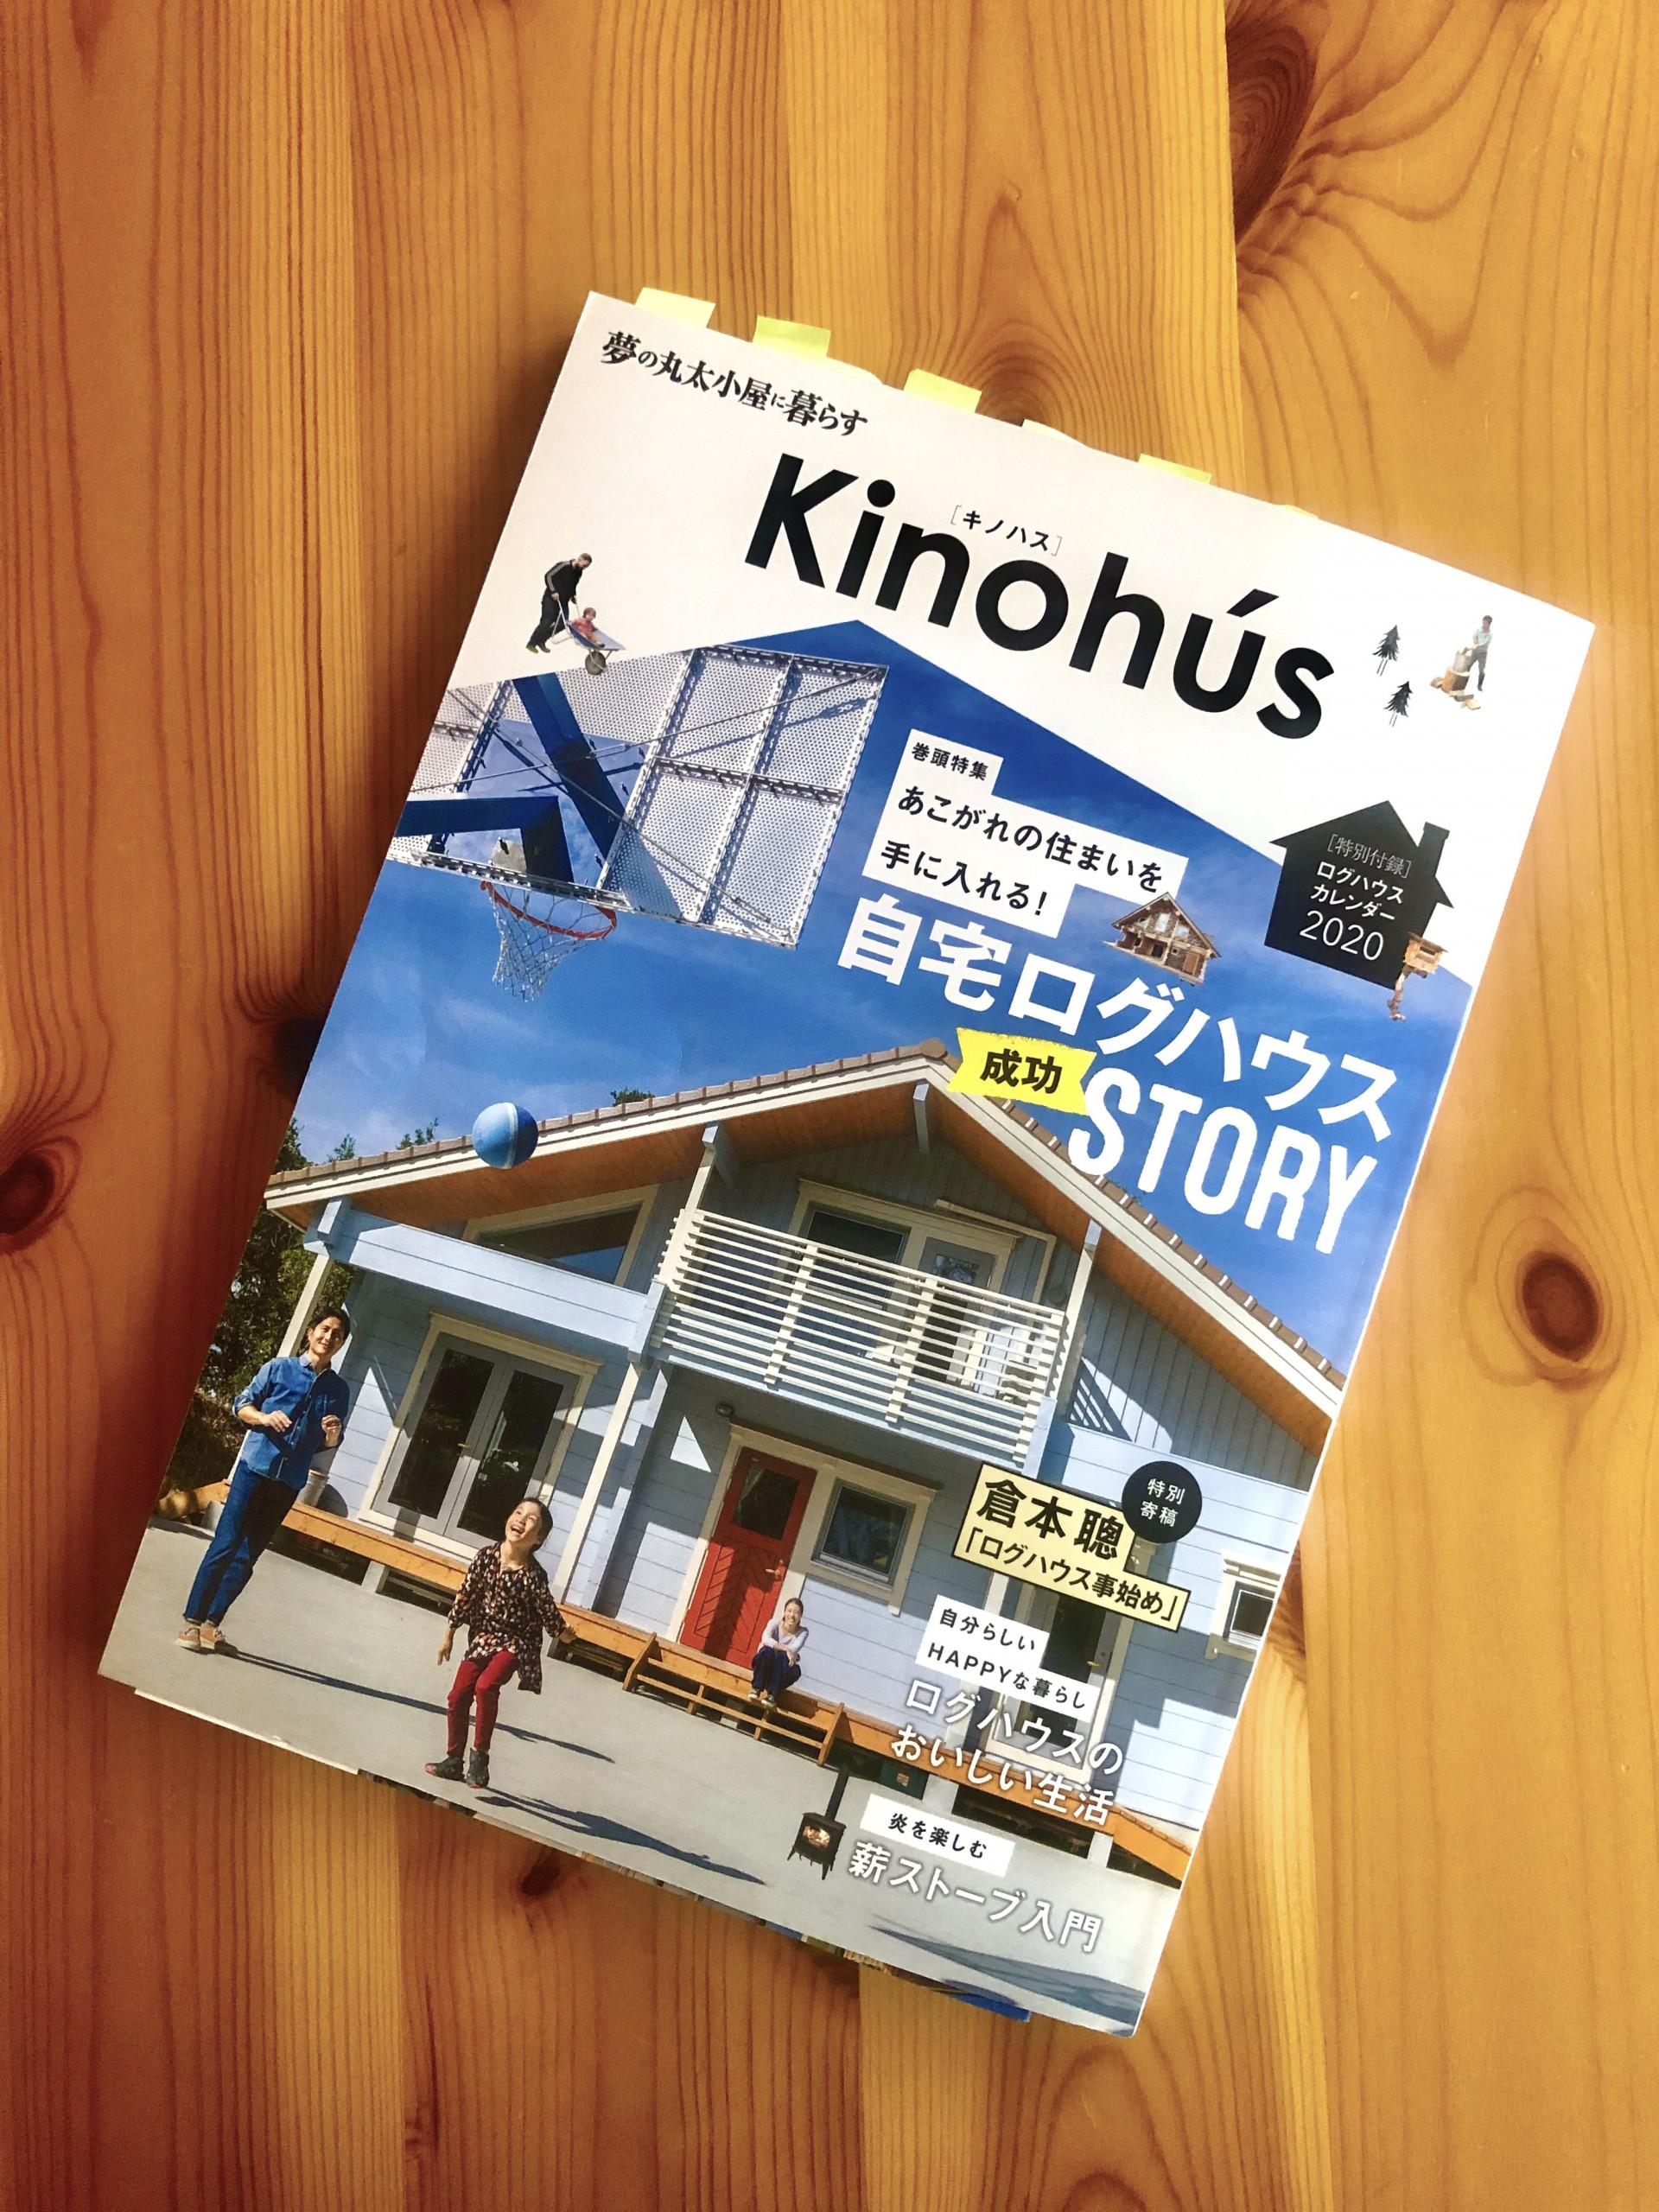 ログハウス専門誌「Kinohus(キノハス)」発売しました!